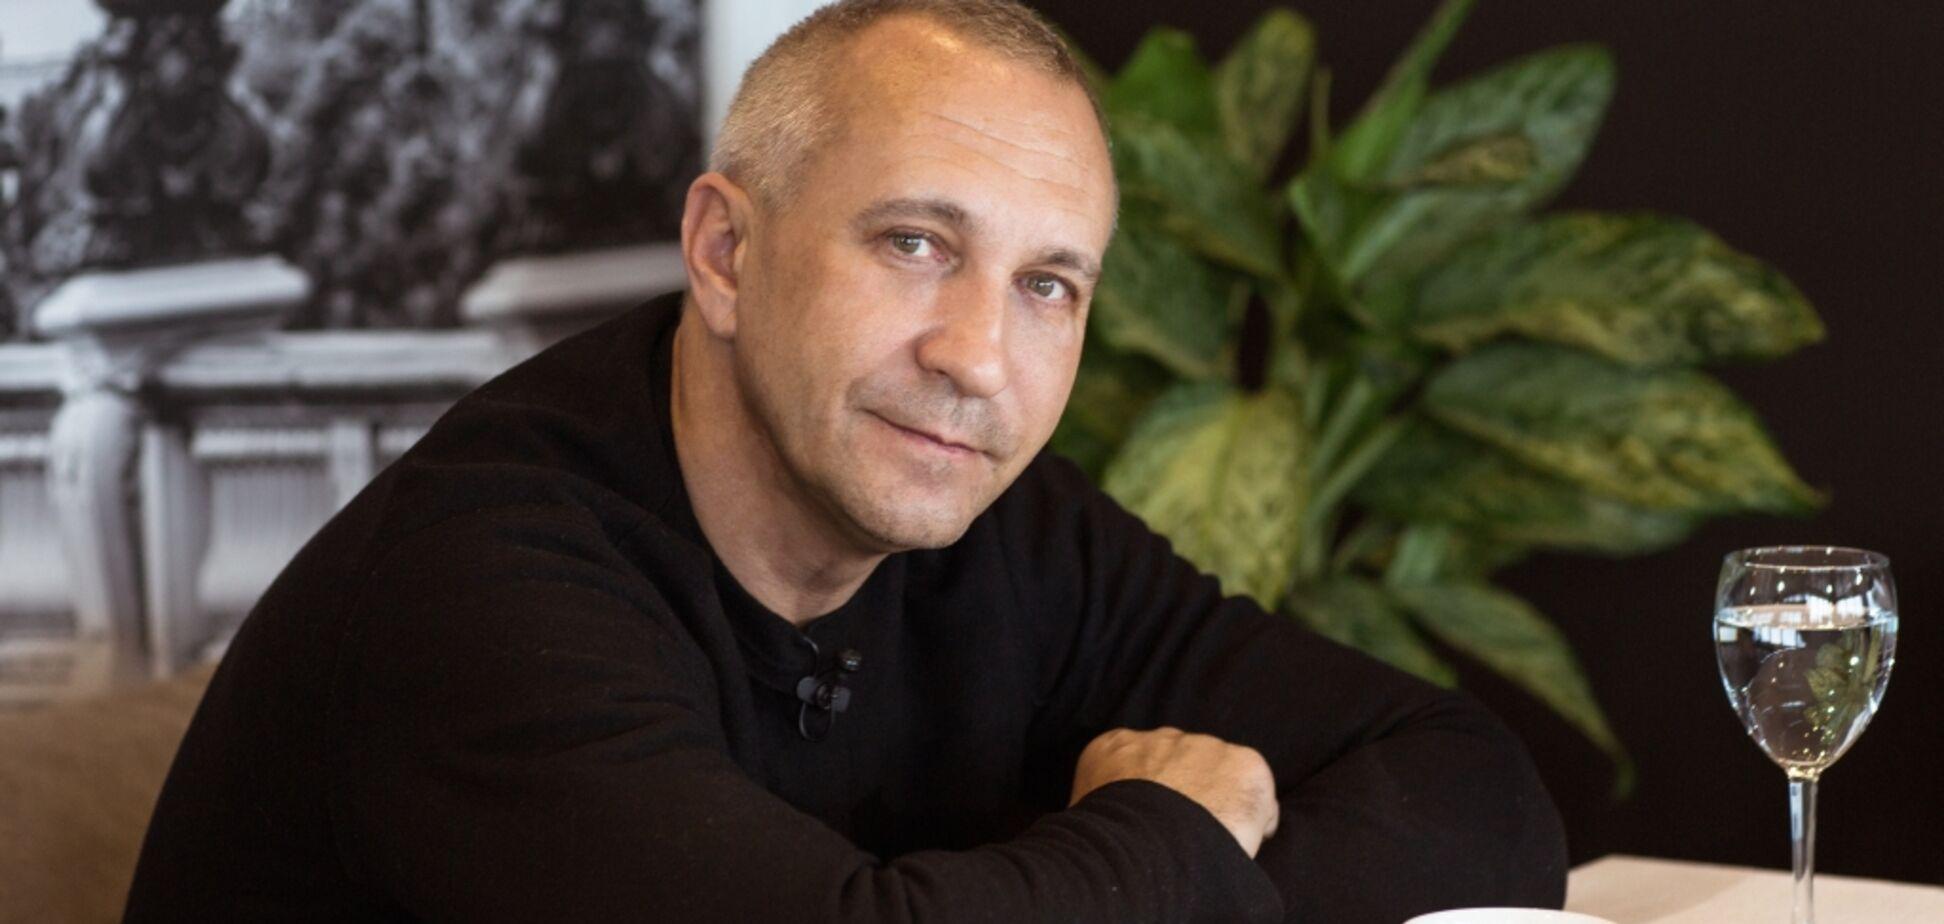 Работавшему на оккупантов политтехнологу запретили въезд в Украину